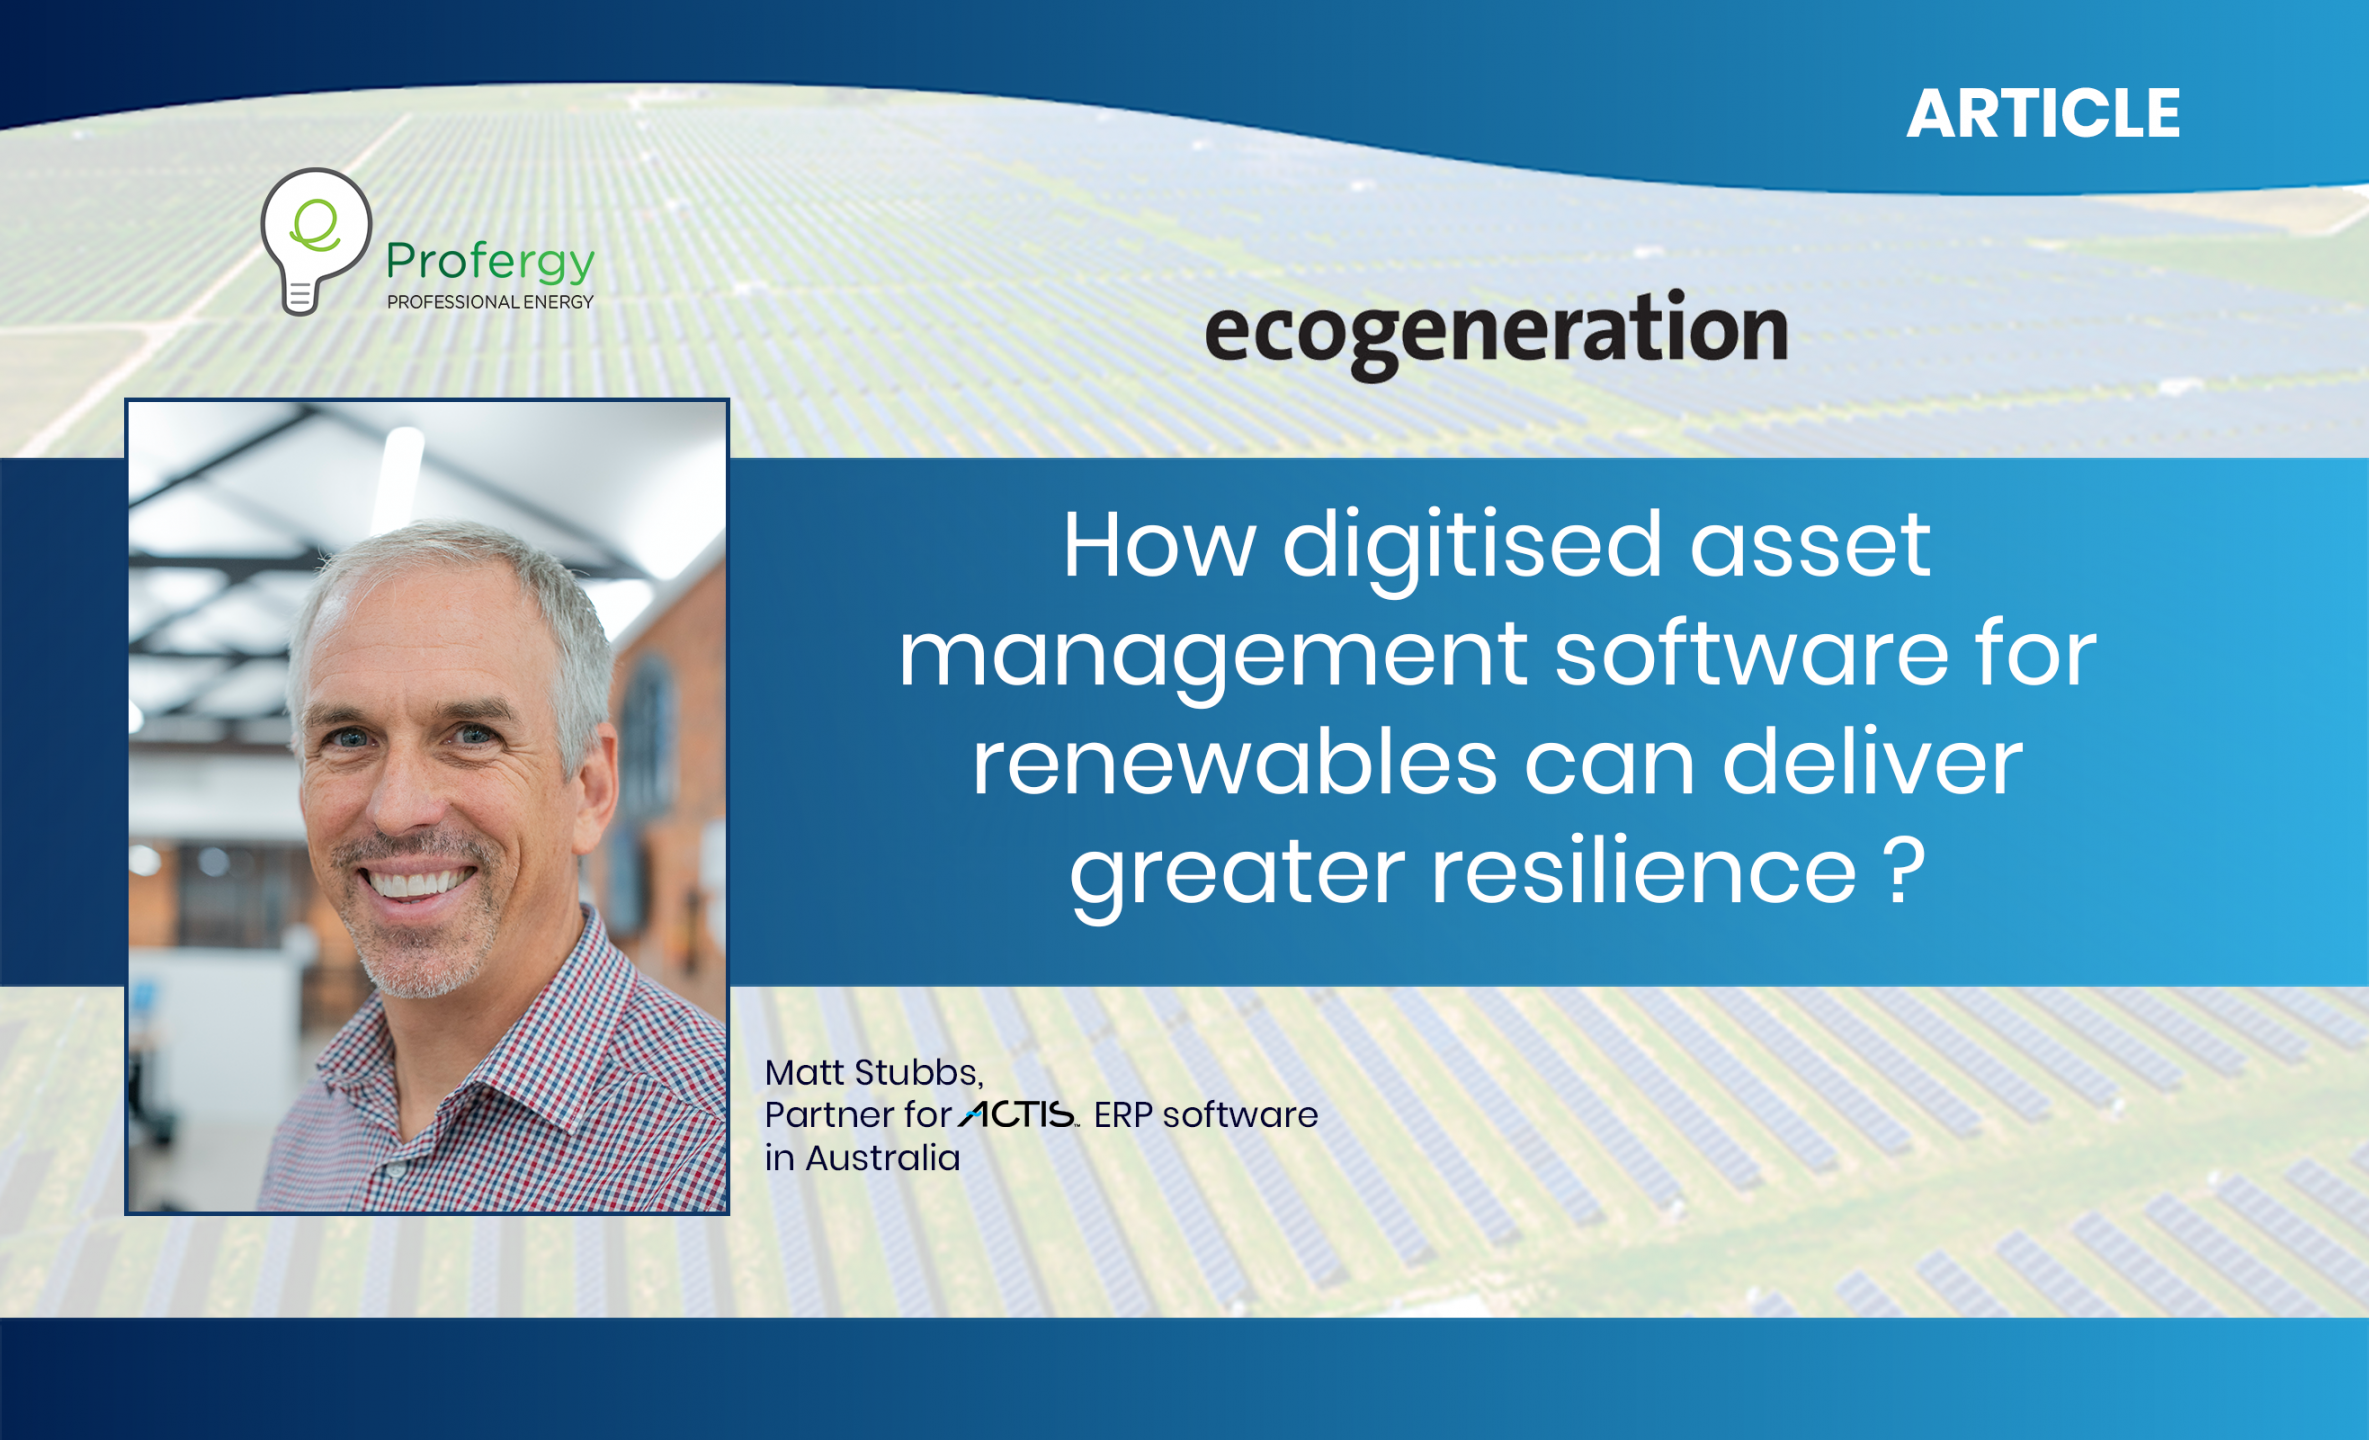 digitised asset management software for renewables